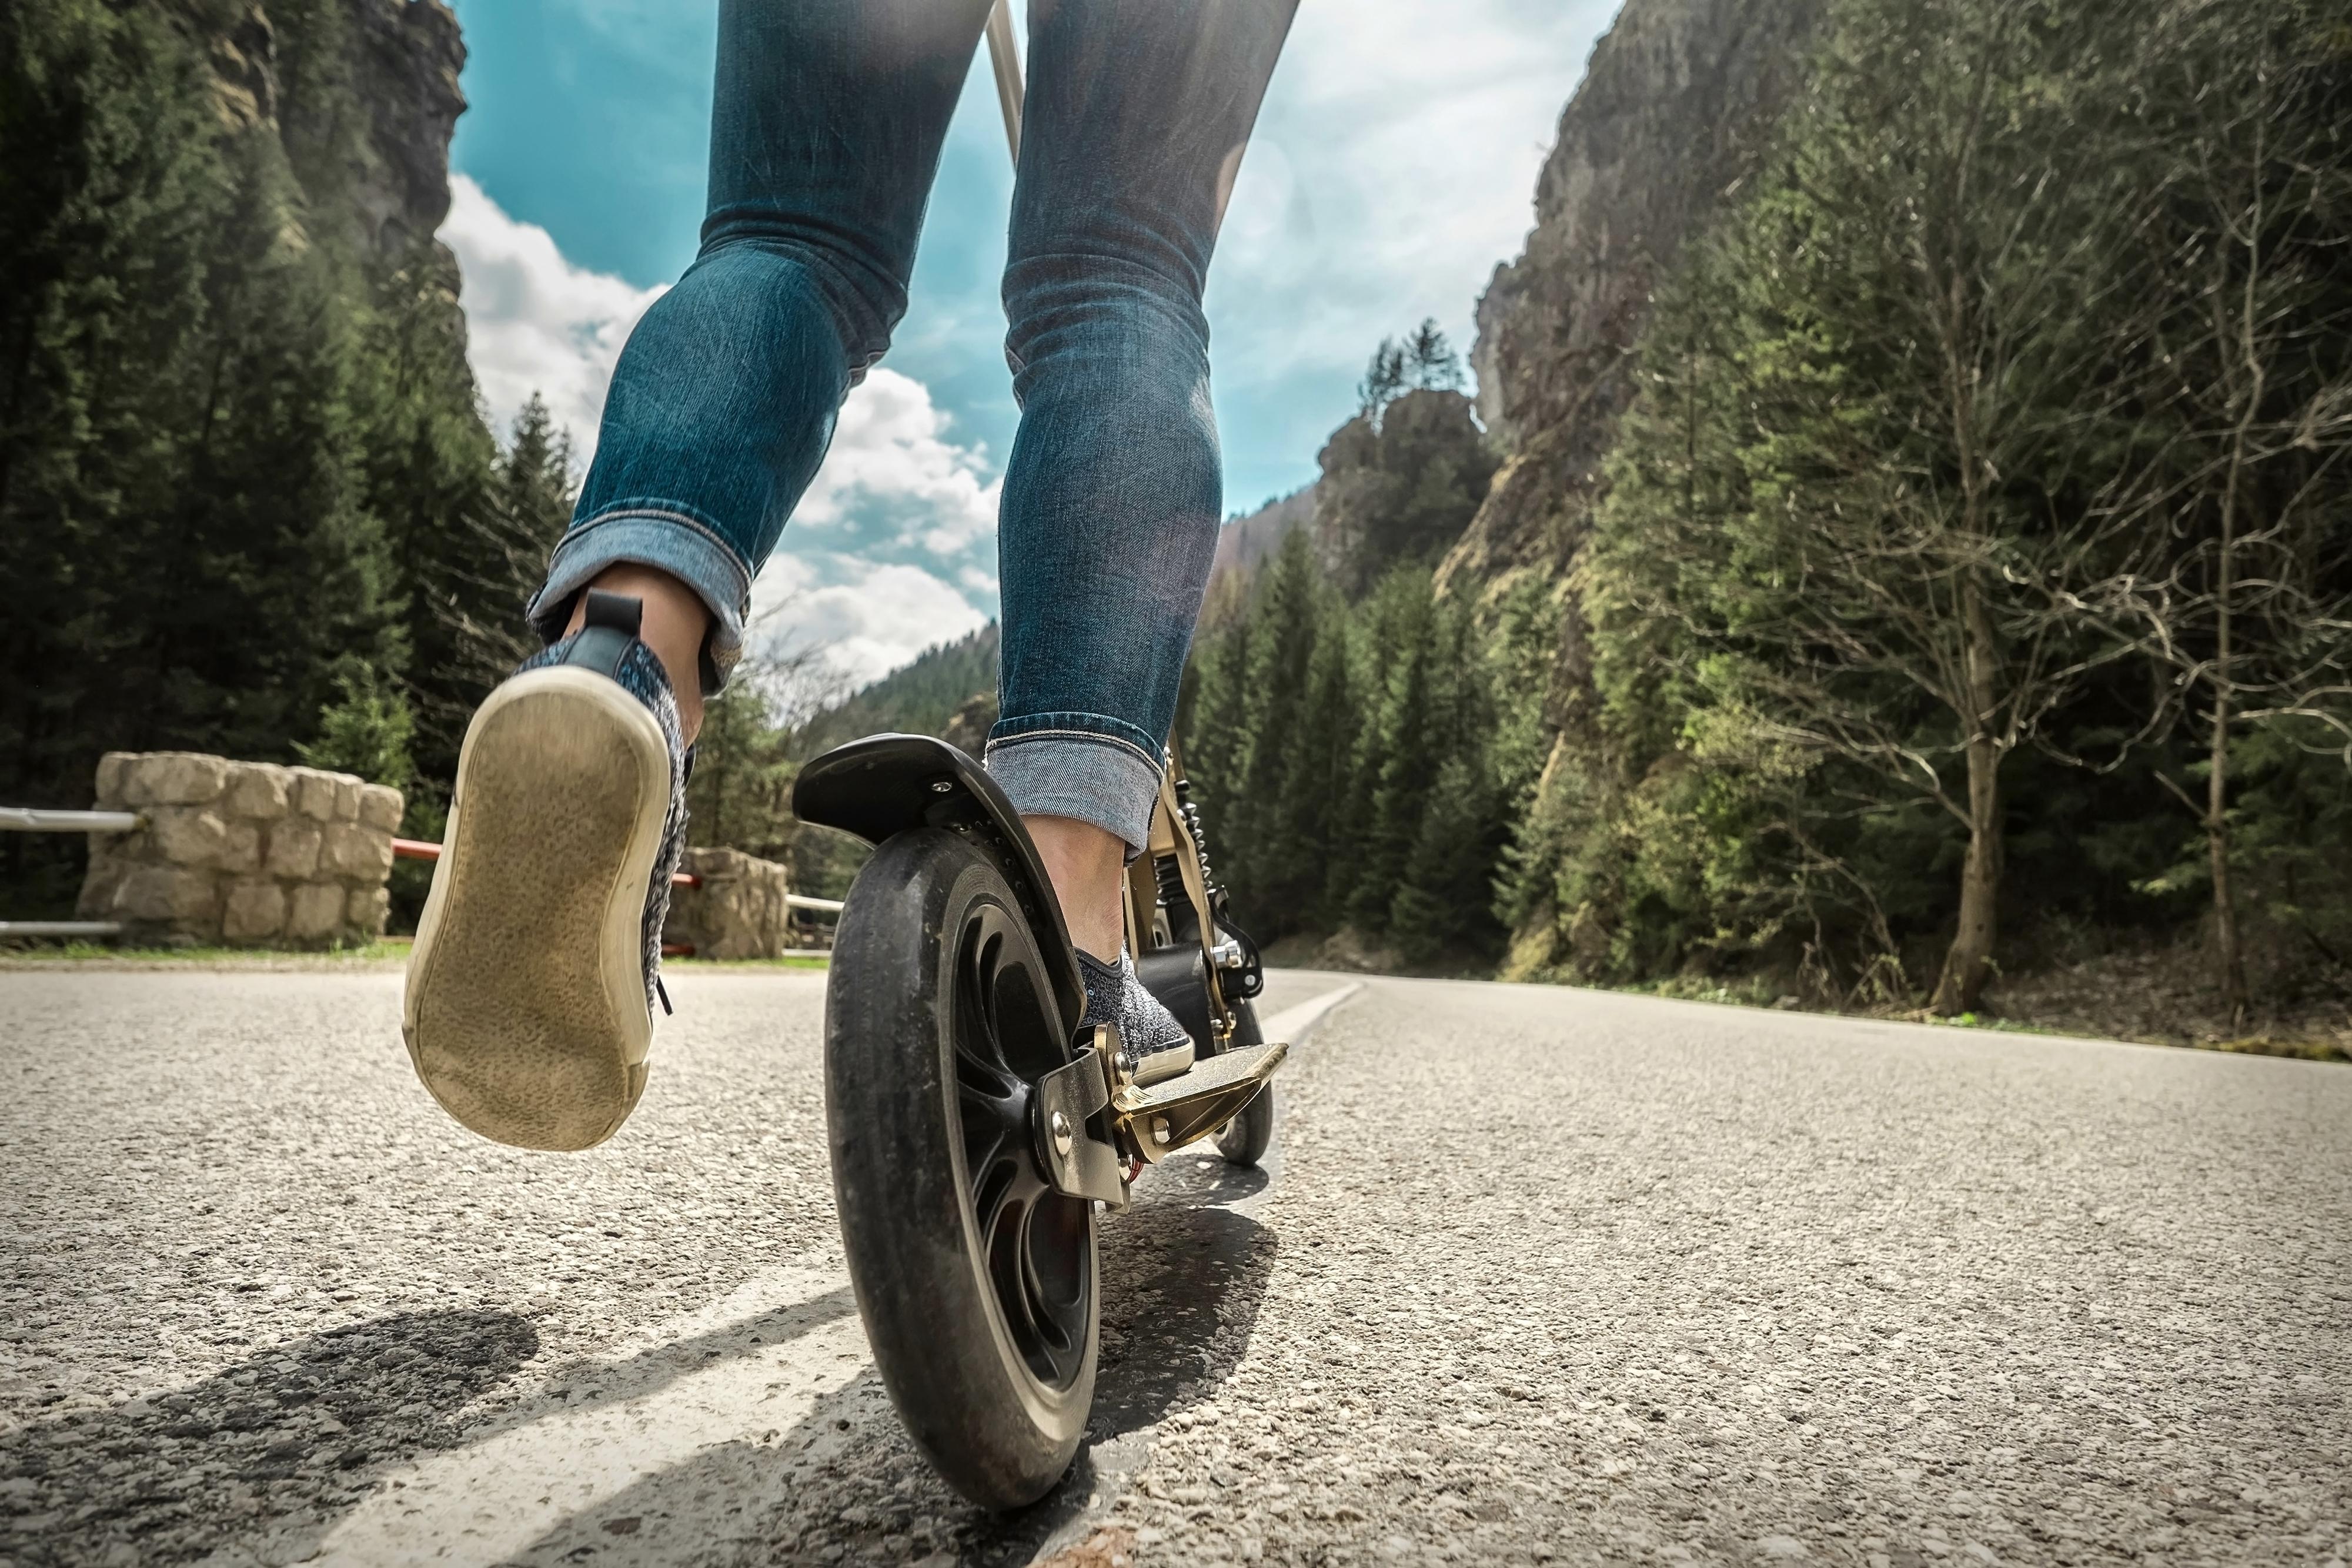 Déconfinement et mobilité : comment se déplacer en toute sécurité ?